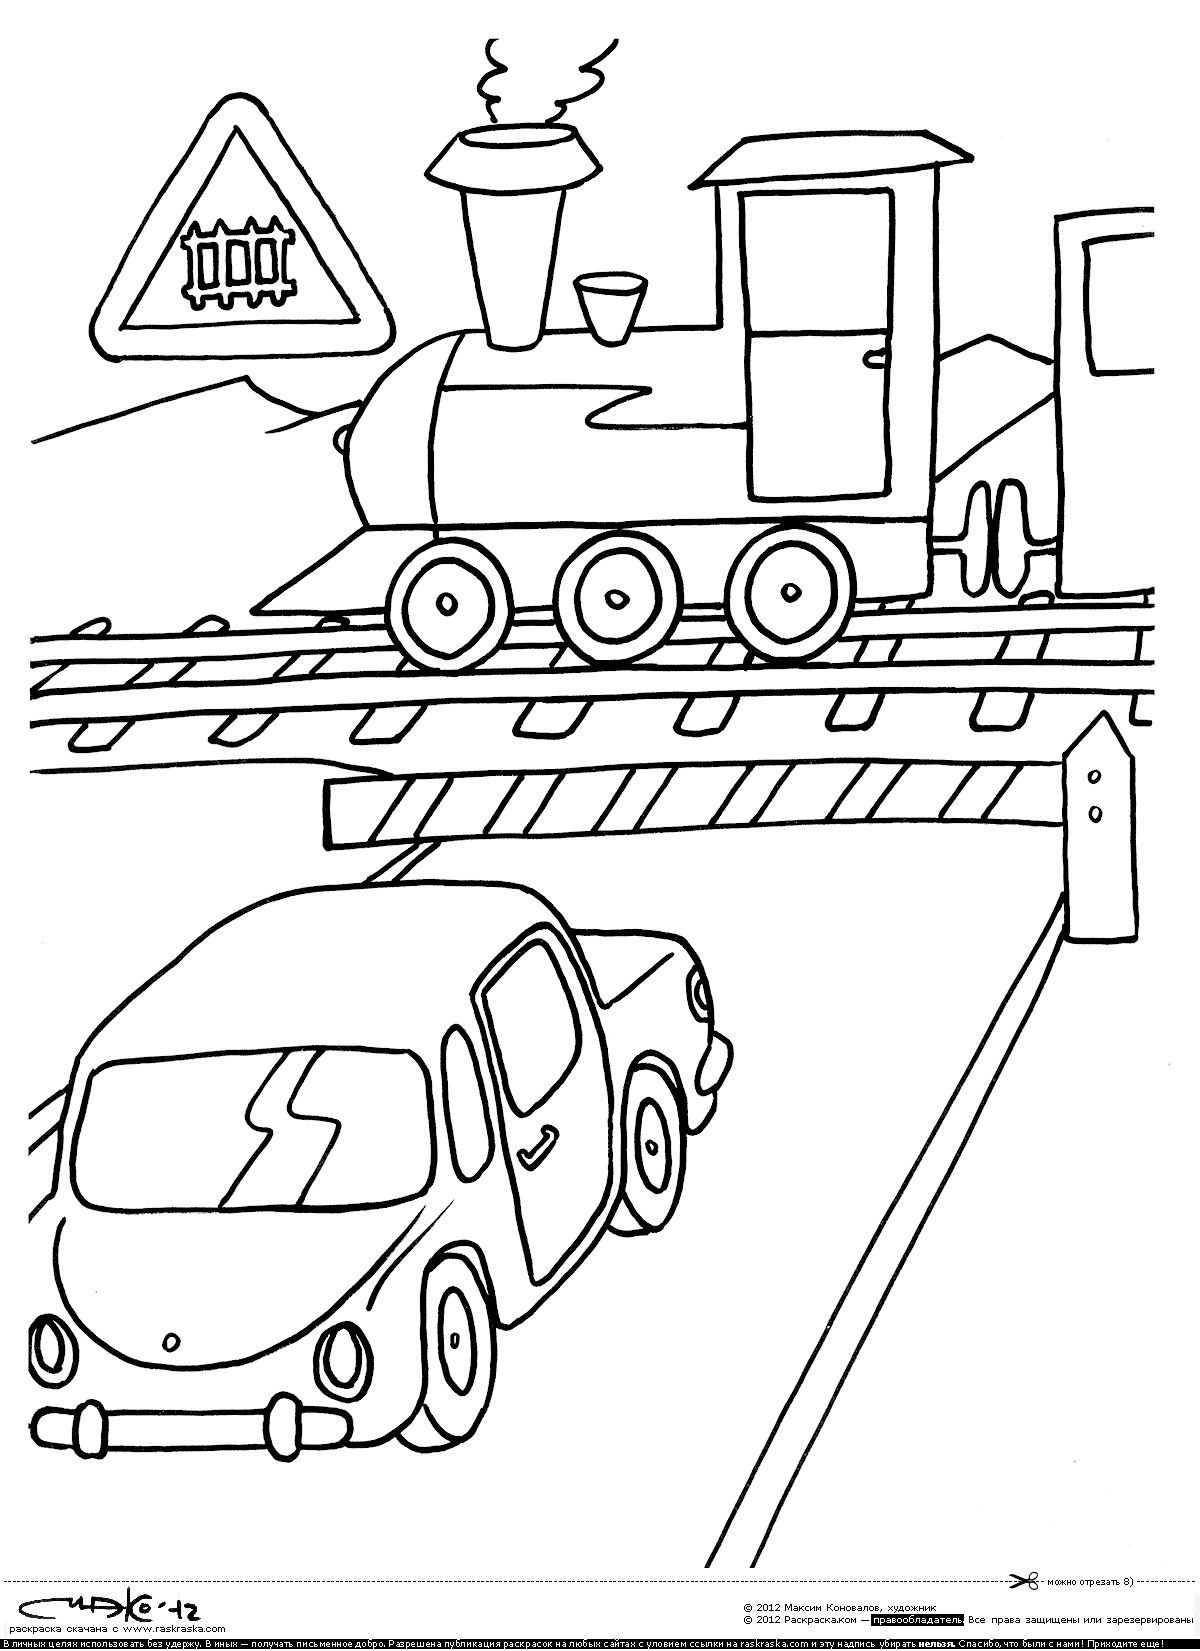 Правила дорожного движения для поездов